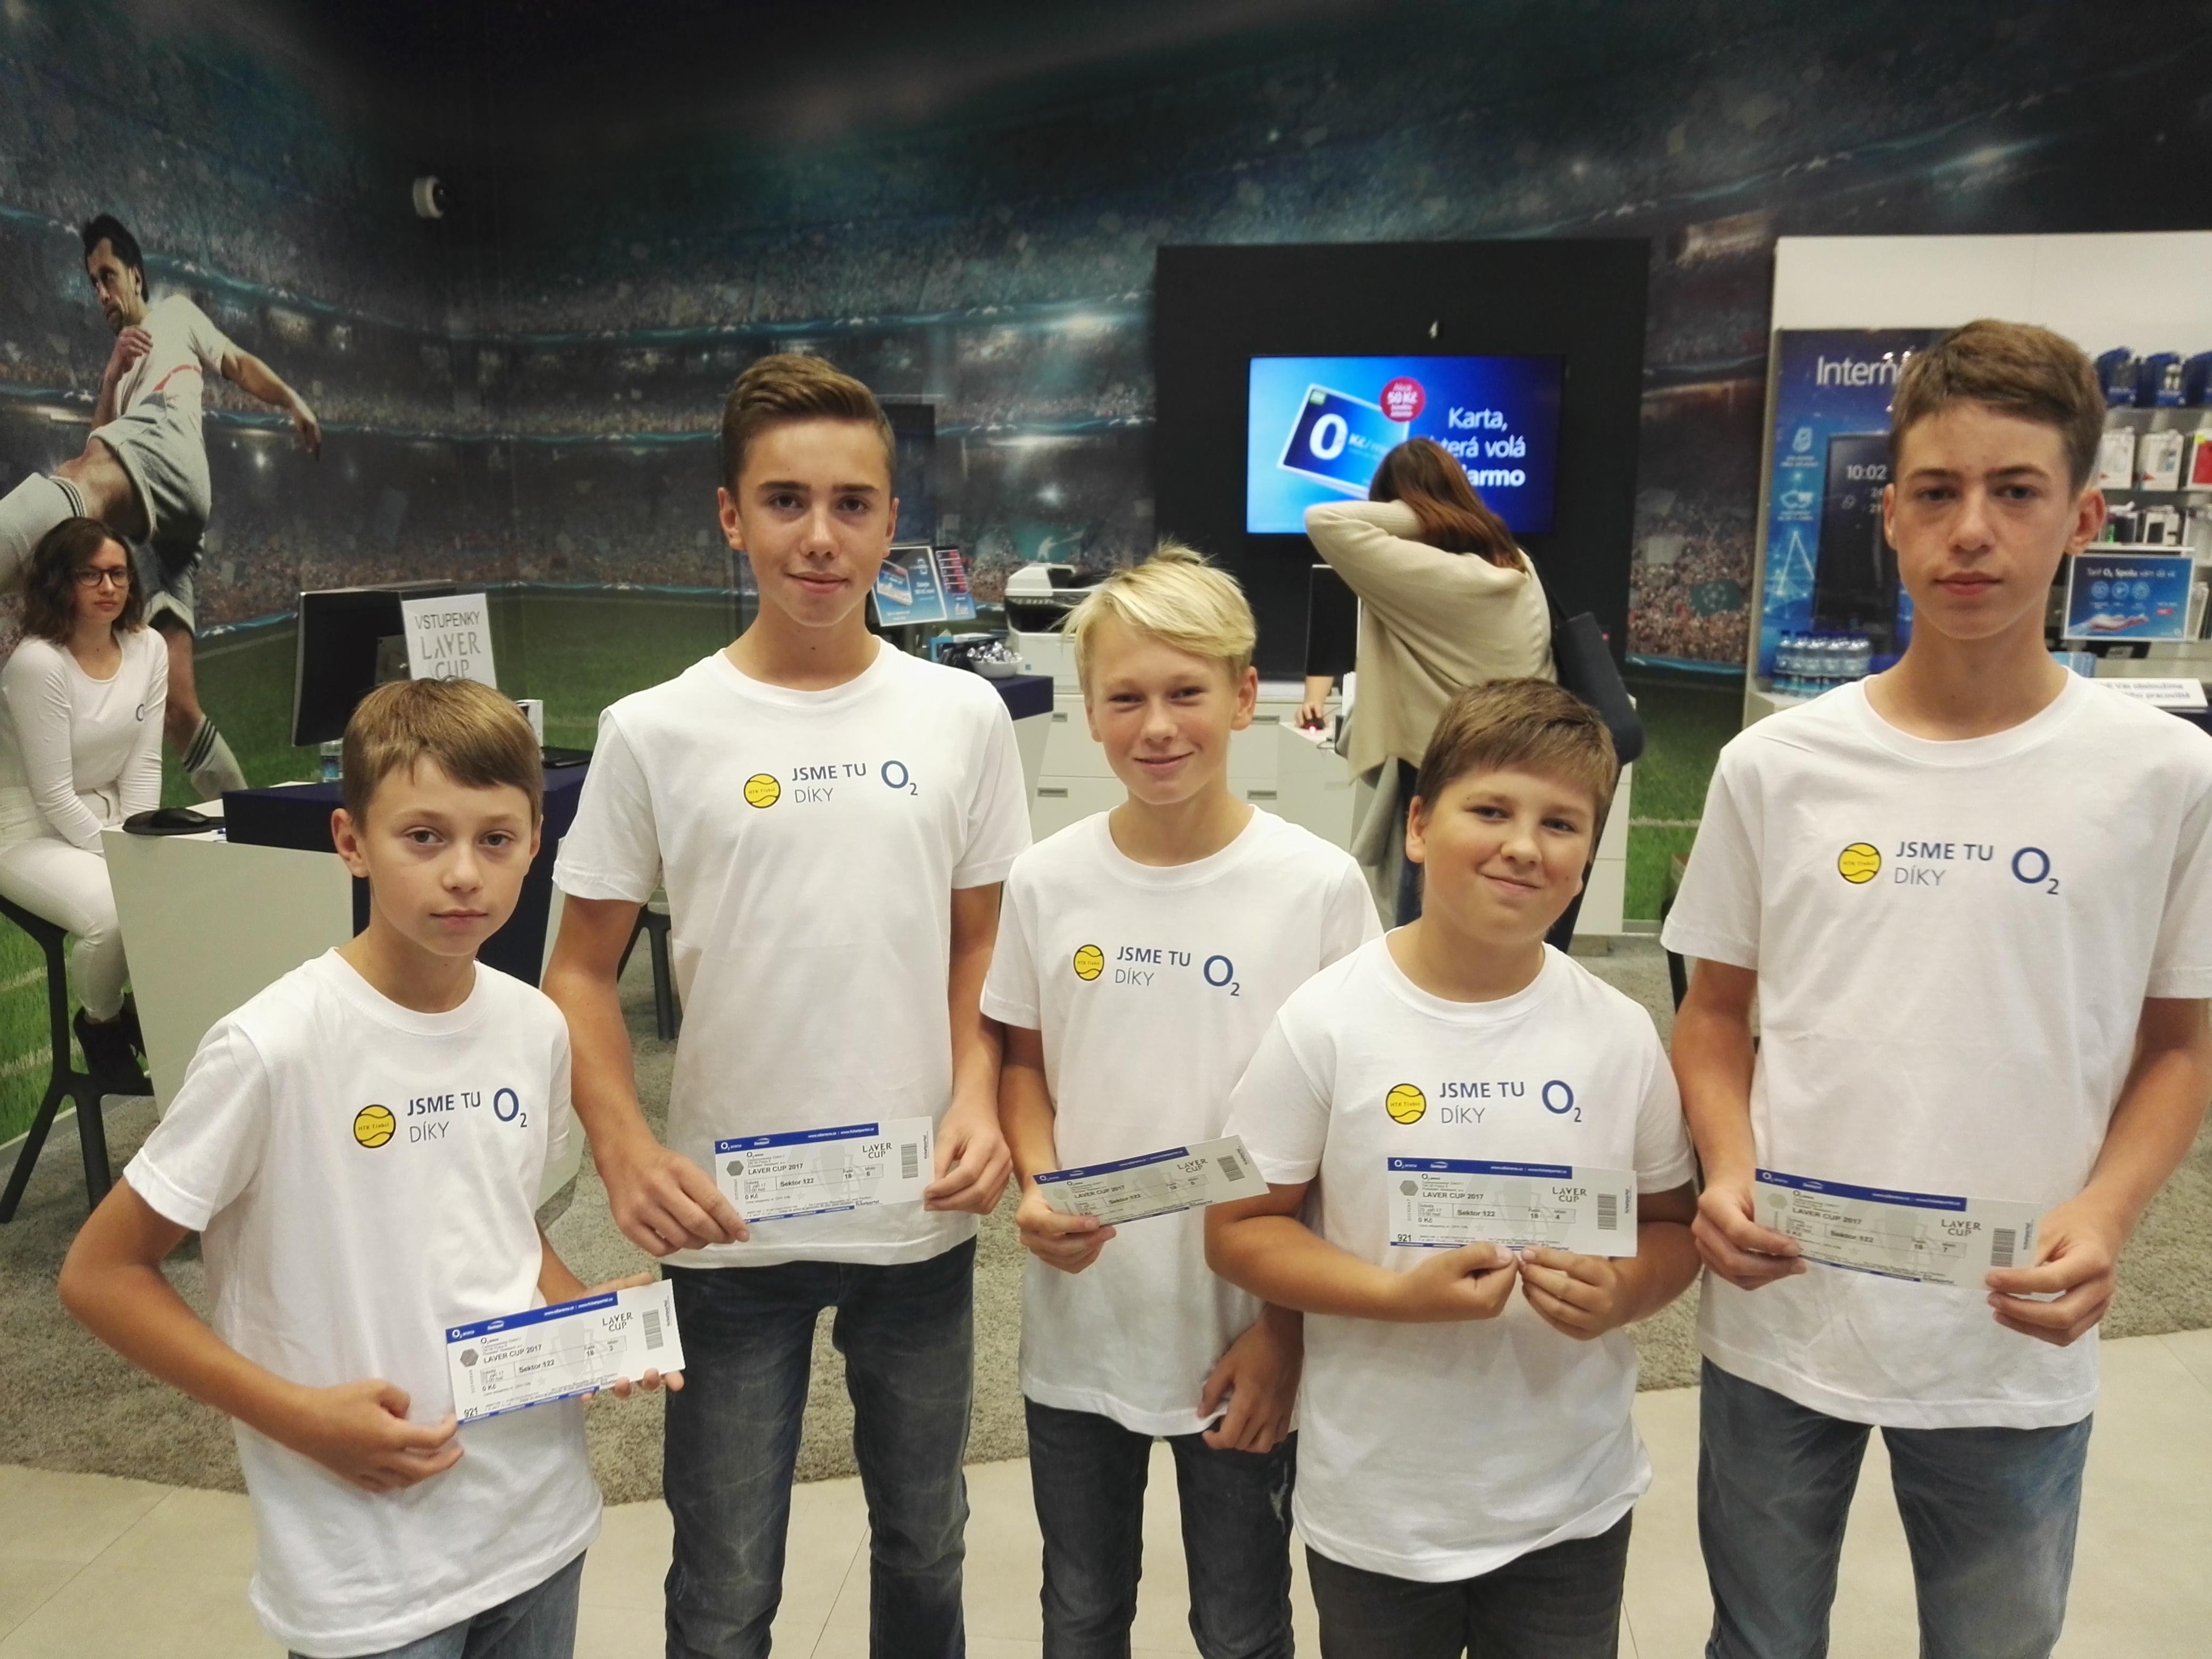 Lístky na Laver Cup přinesly radost i dětským tenisovým nadějím